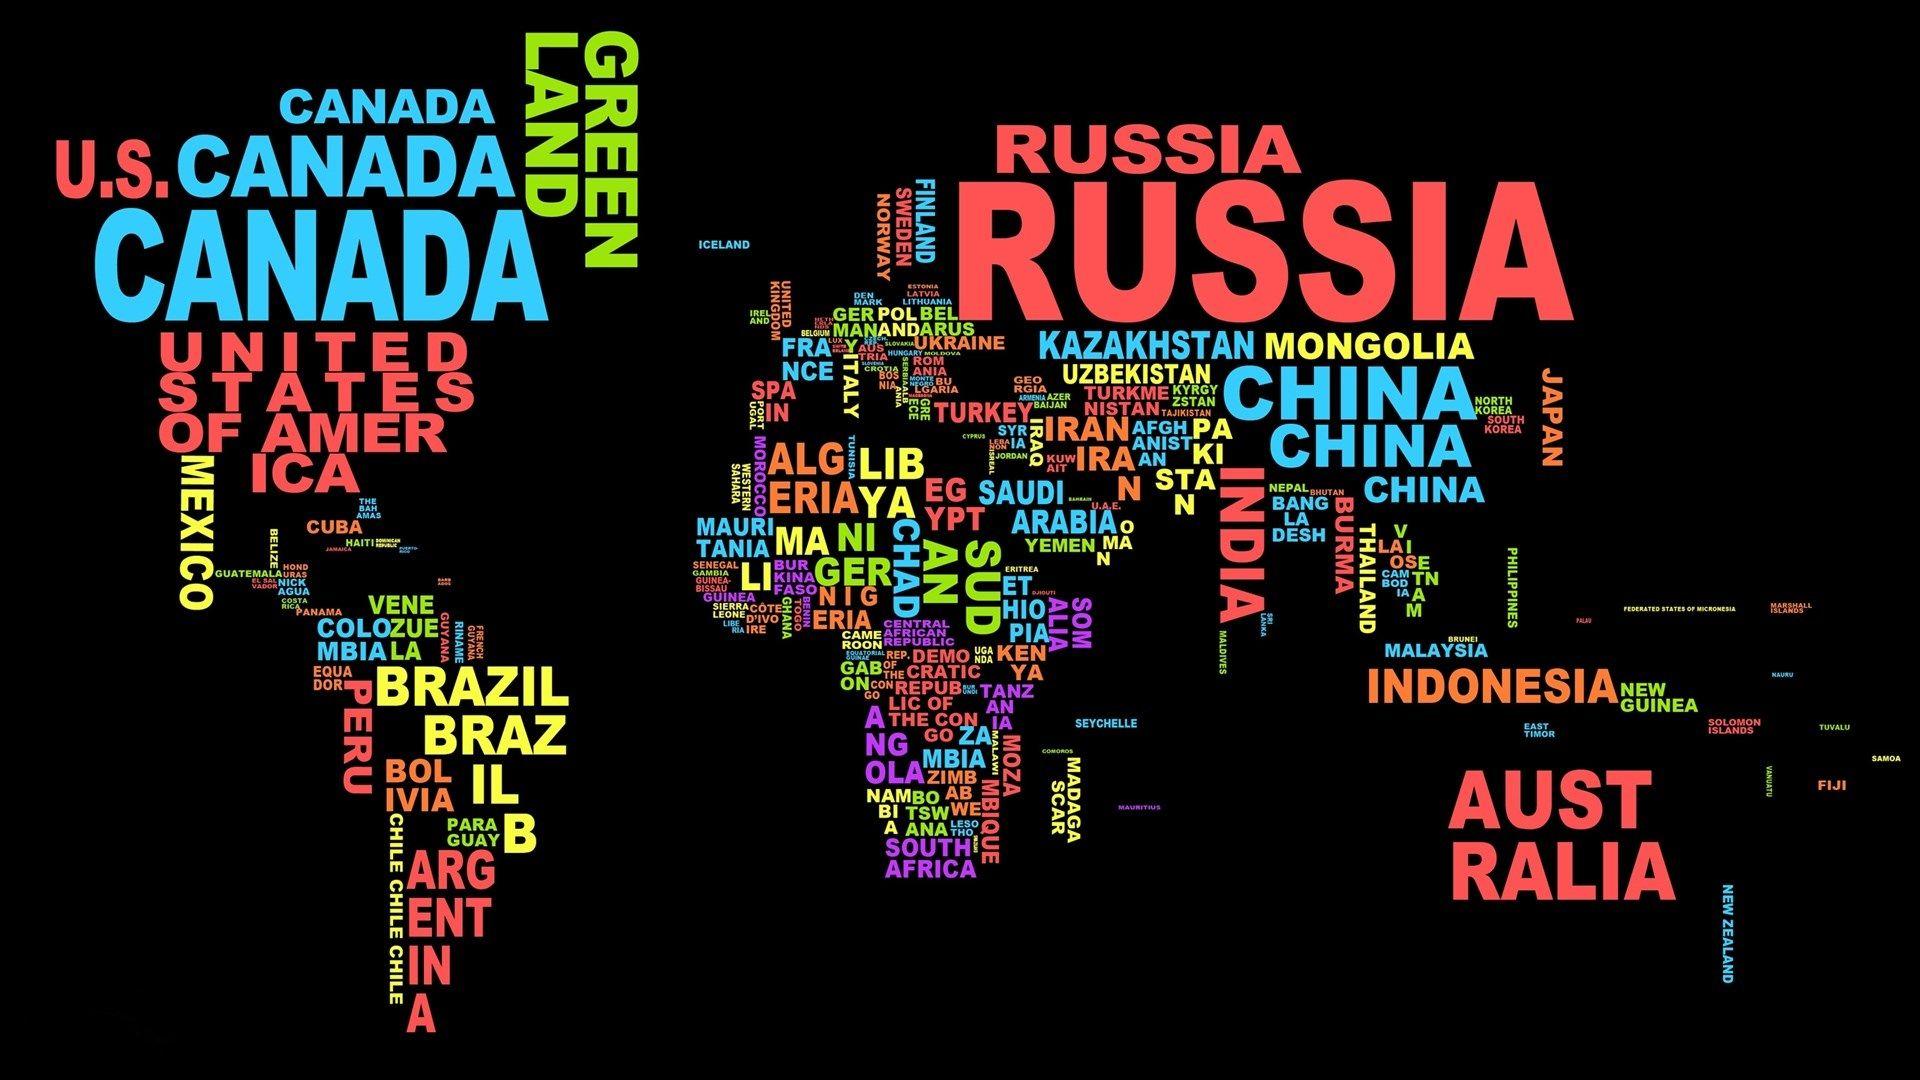 1548994 wallpaper images world map wallpaperscreator pinterest 1548994 wallpaper images world map gumiabroncs Images